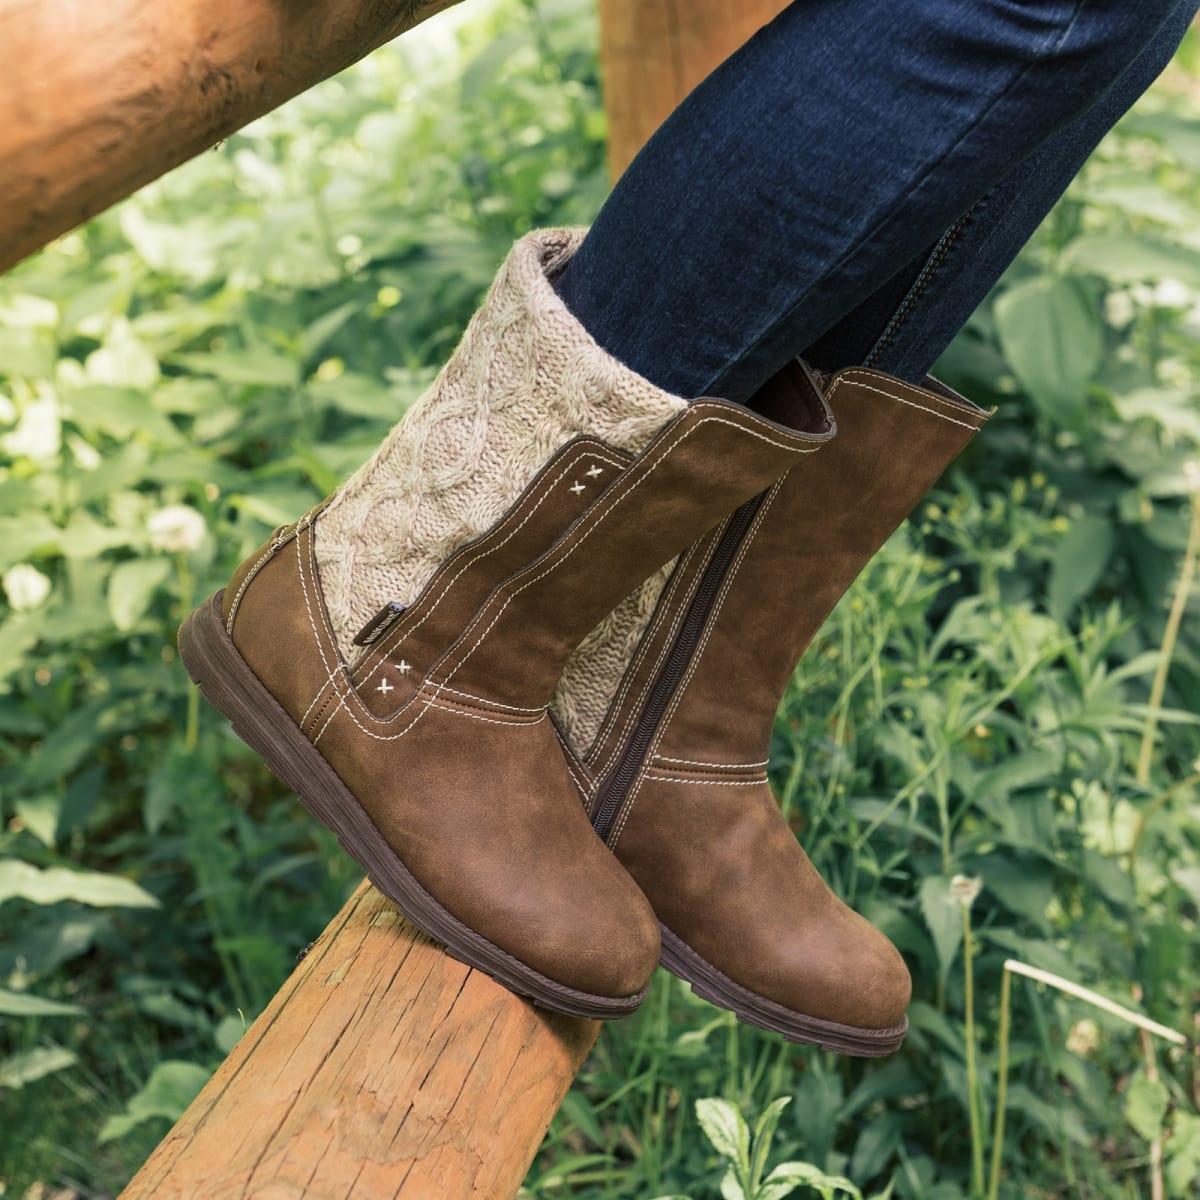 93362883de8 Muk Luks Women's Stacy Boots | Free Shipping